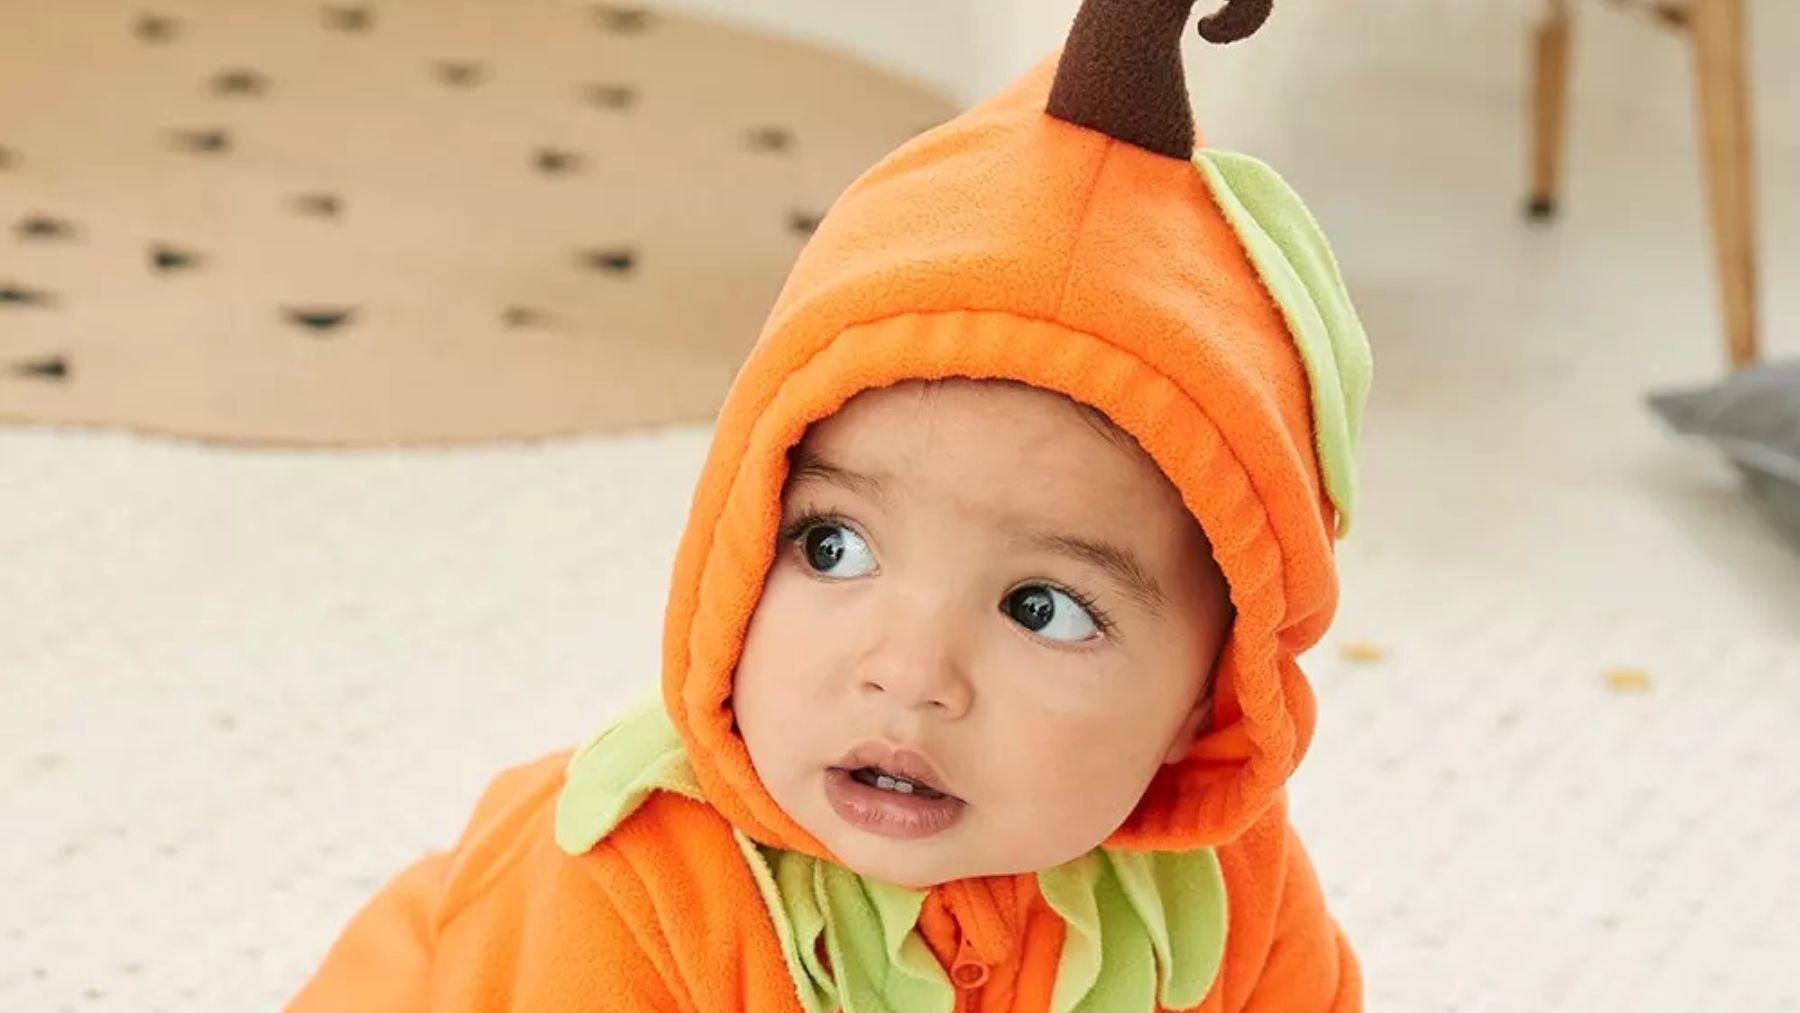 Descubrimos los mejores disfraces para niños para Halloween